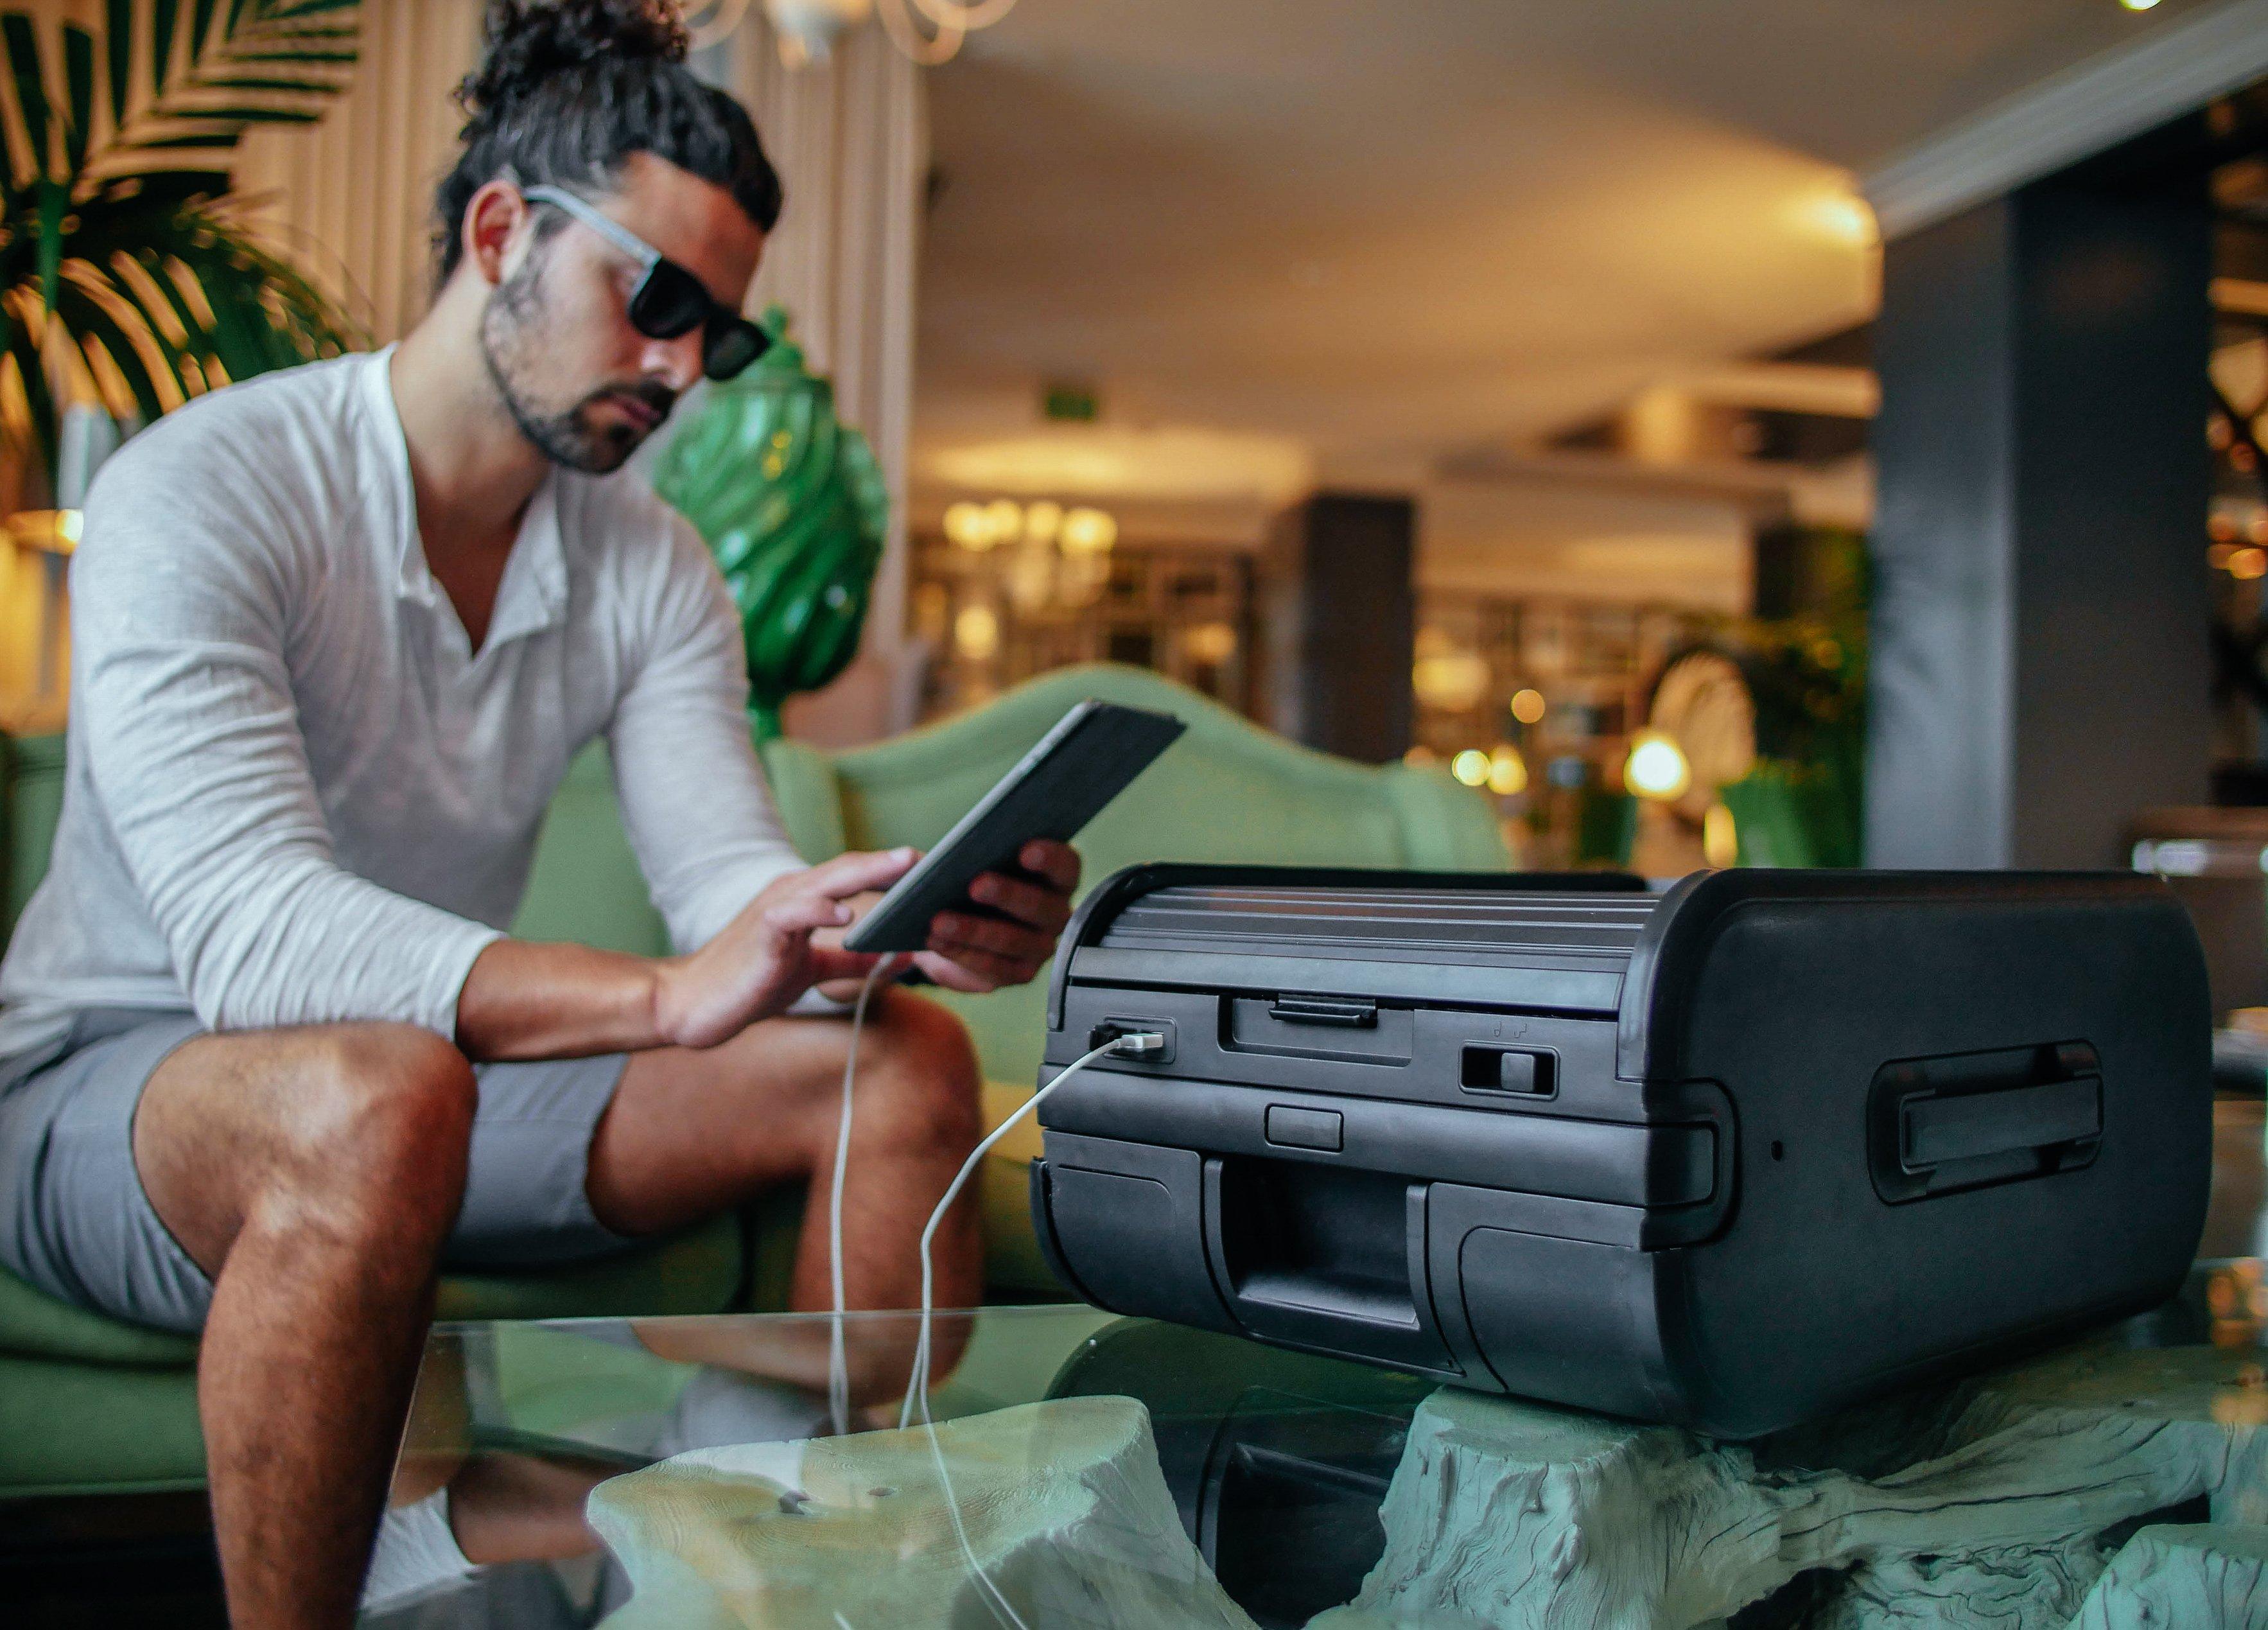 Trunkster Intelligent Zipperless Suitcase